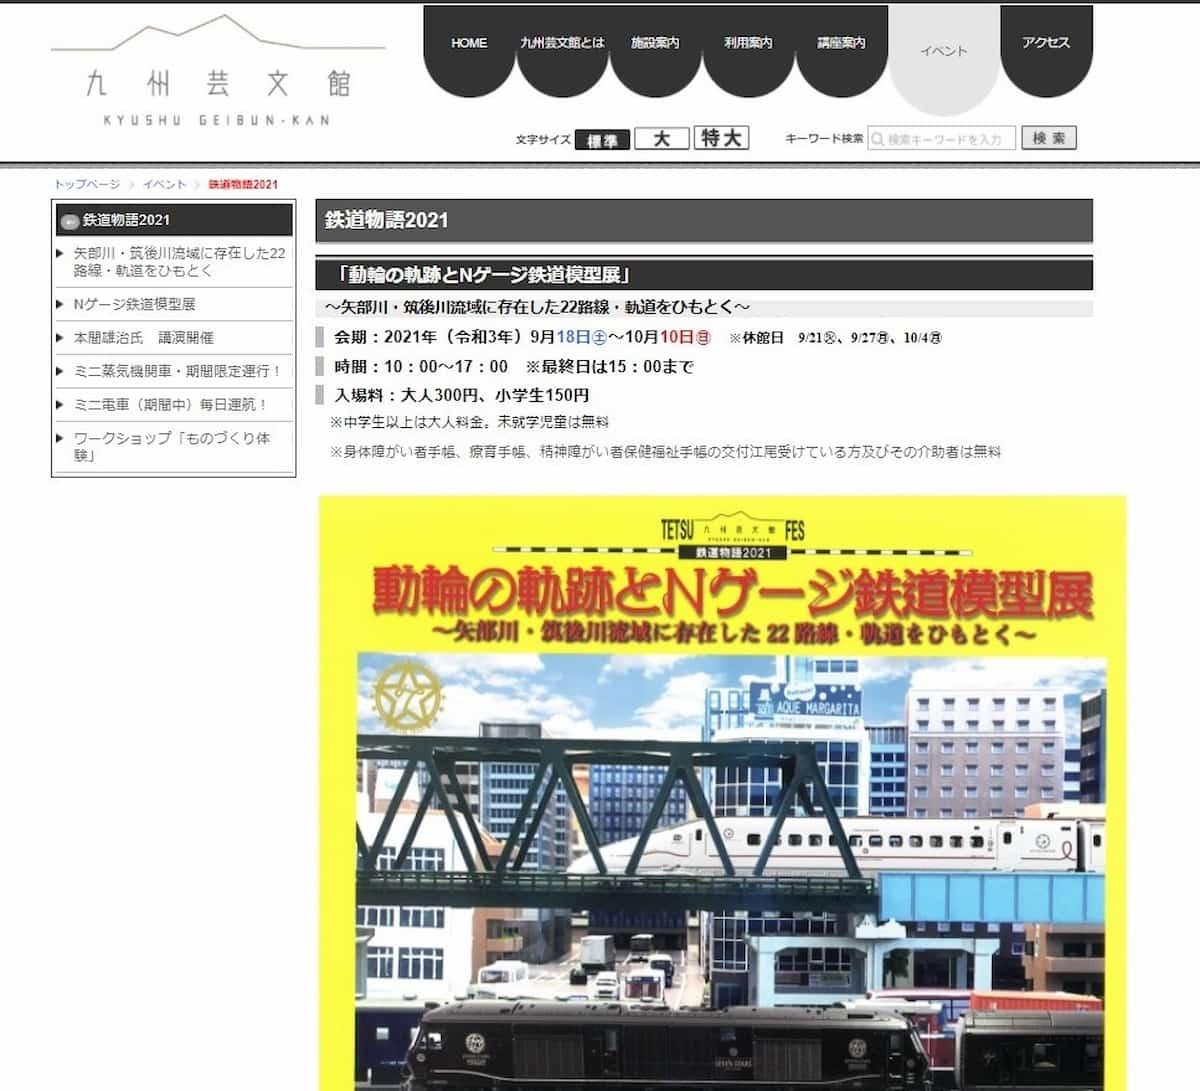 【中止】鉄道物語2021 動輪の軌跡とNゲージ鉄道模型展ってイベントが開催される。9月18日から九州芸文館(筑後市)